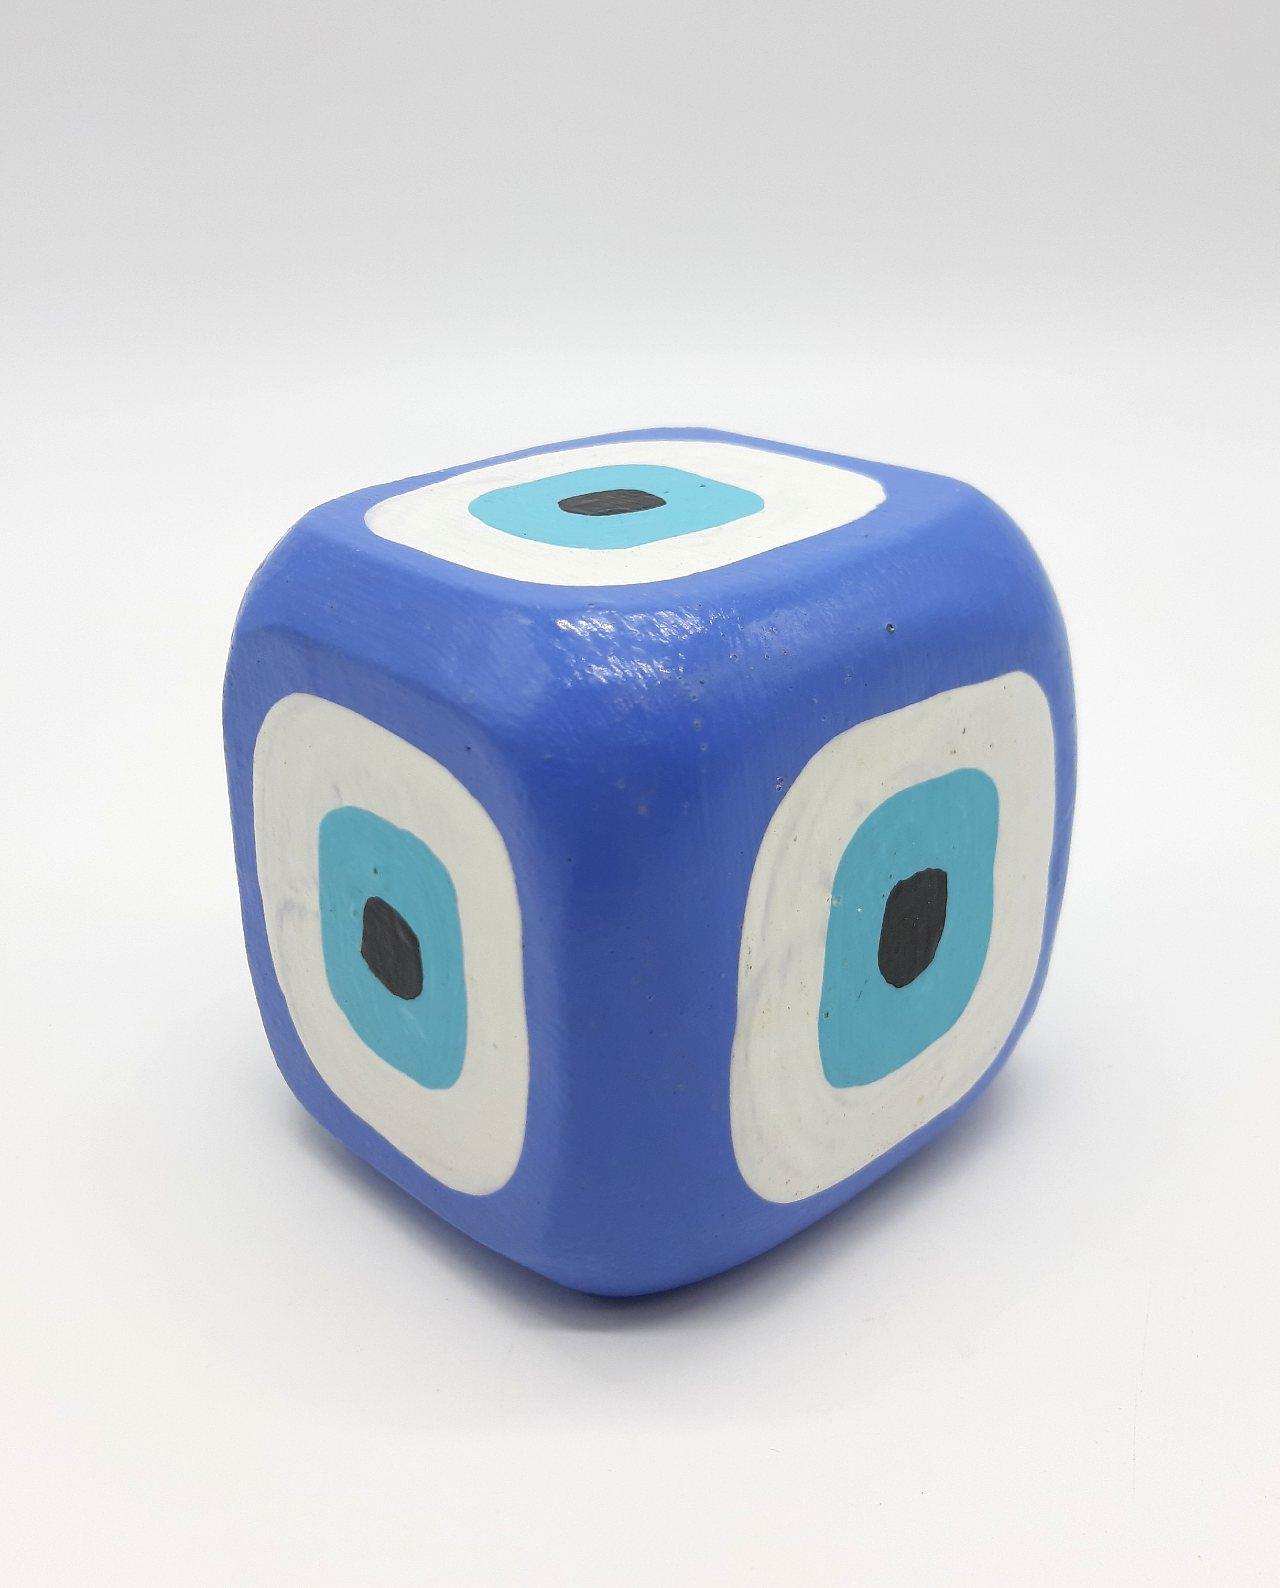 Κύβος Ματάκι Ξύλινος Χειροποίητος 8.5 cm x 8.5 cm x 8.5 cm χρώμα λουλακί